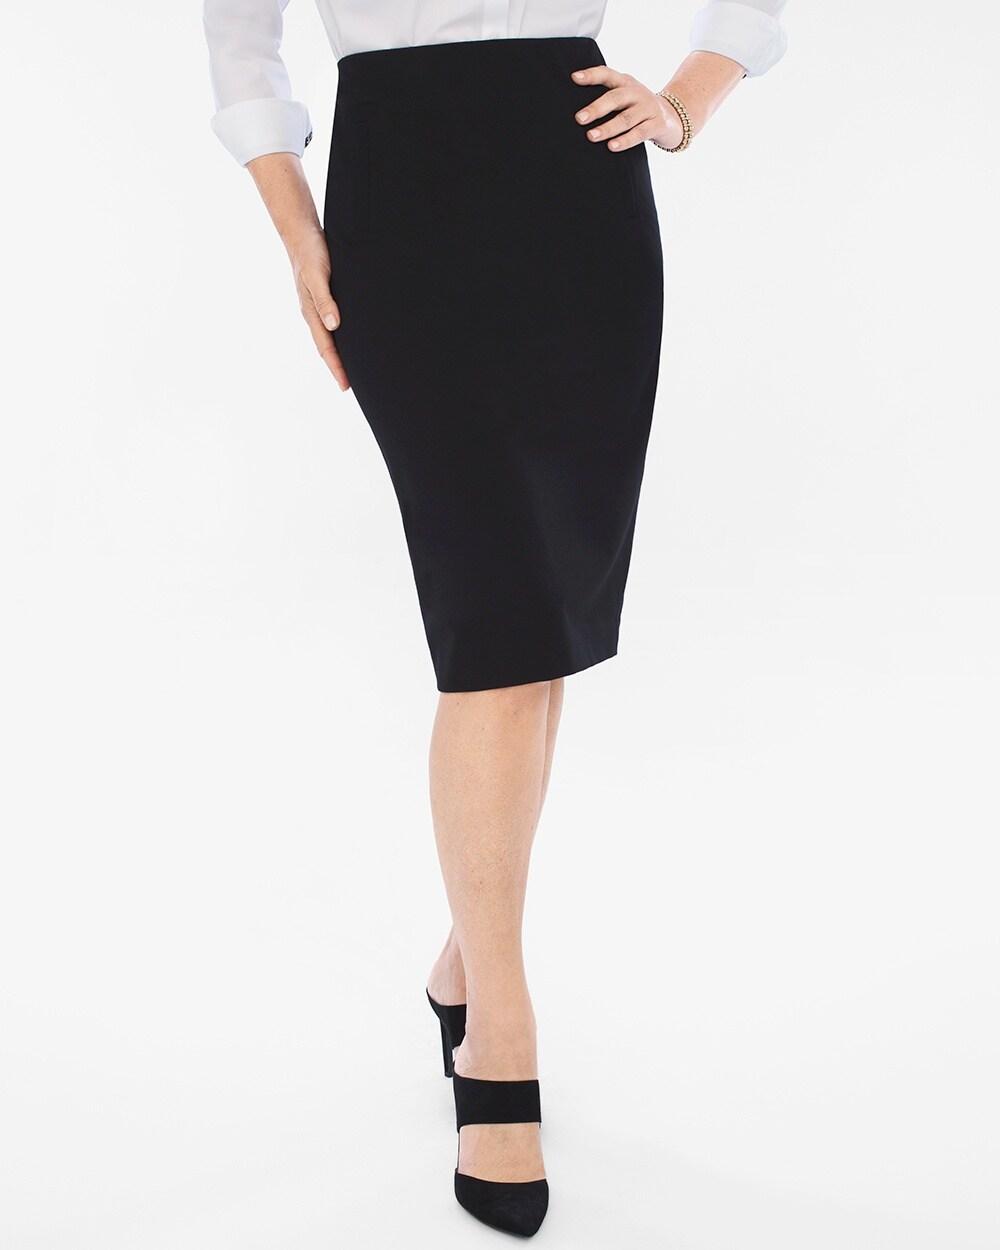 34406a398c Juliet Ponte Pencil Skirt - Chico's